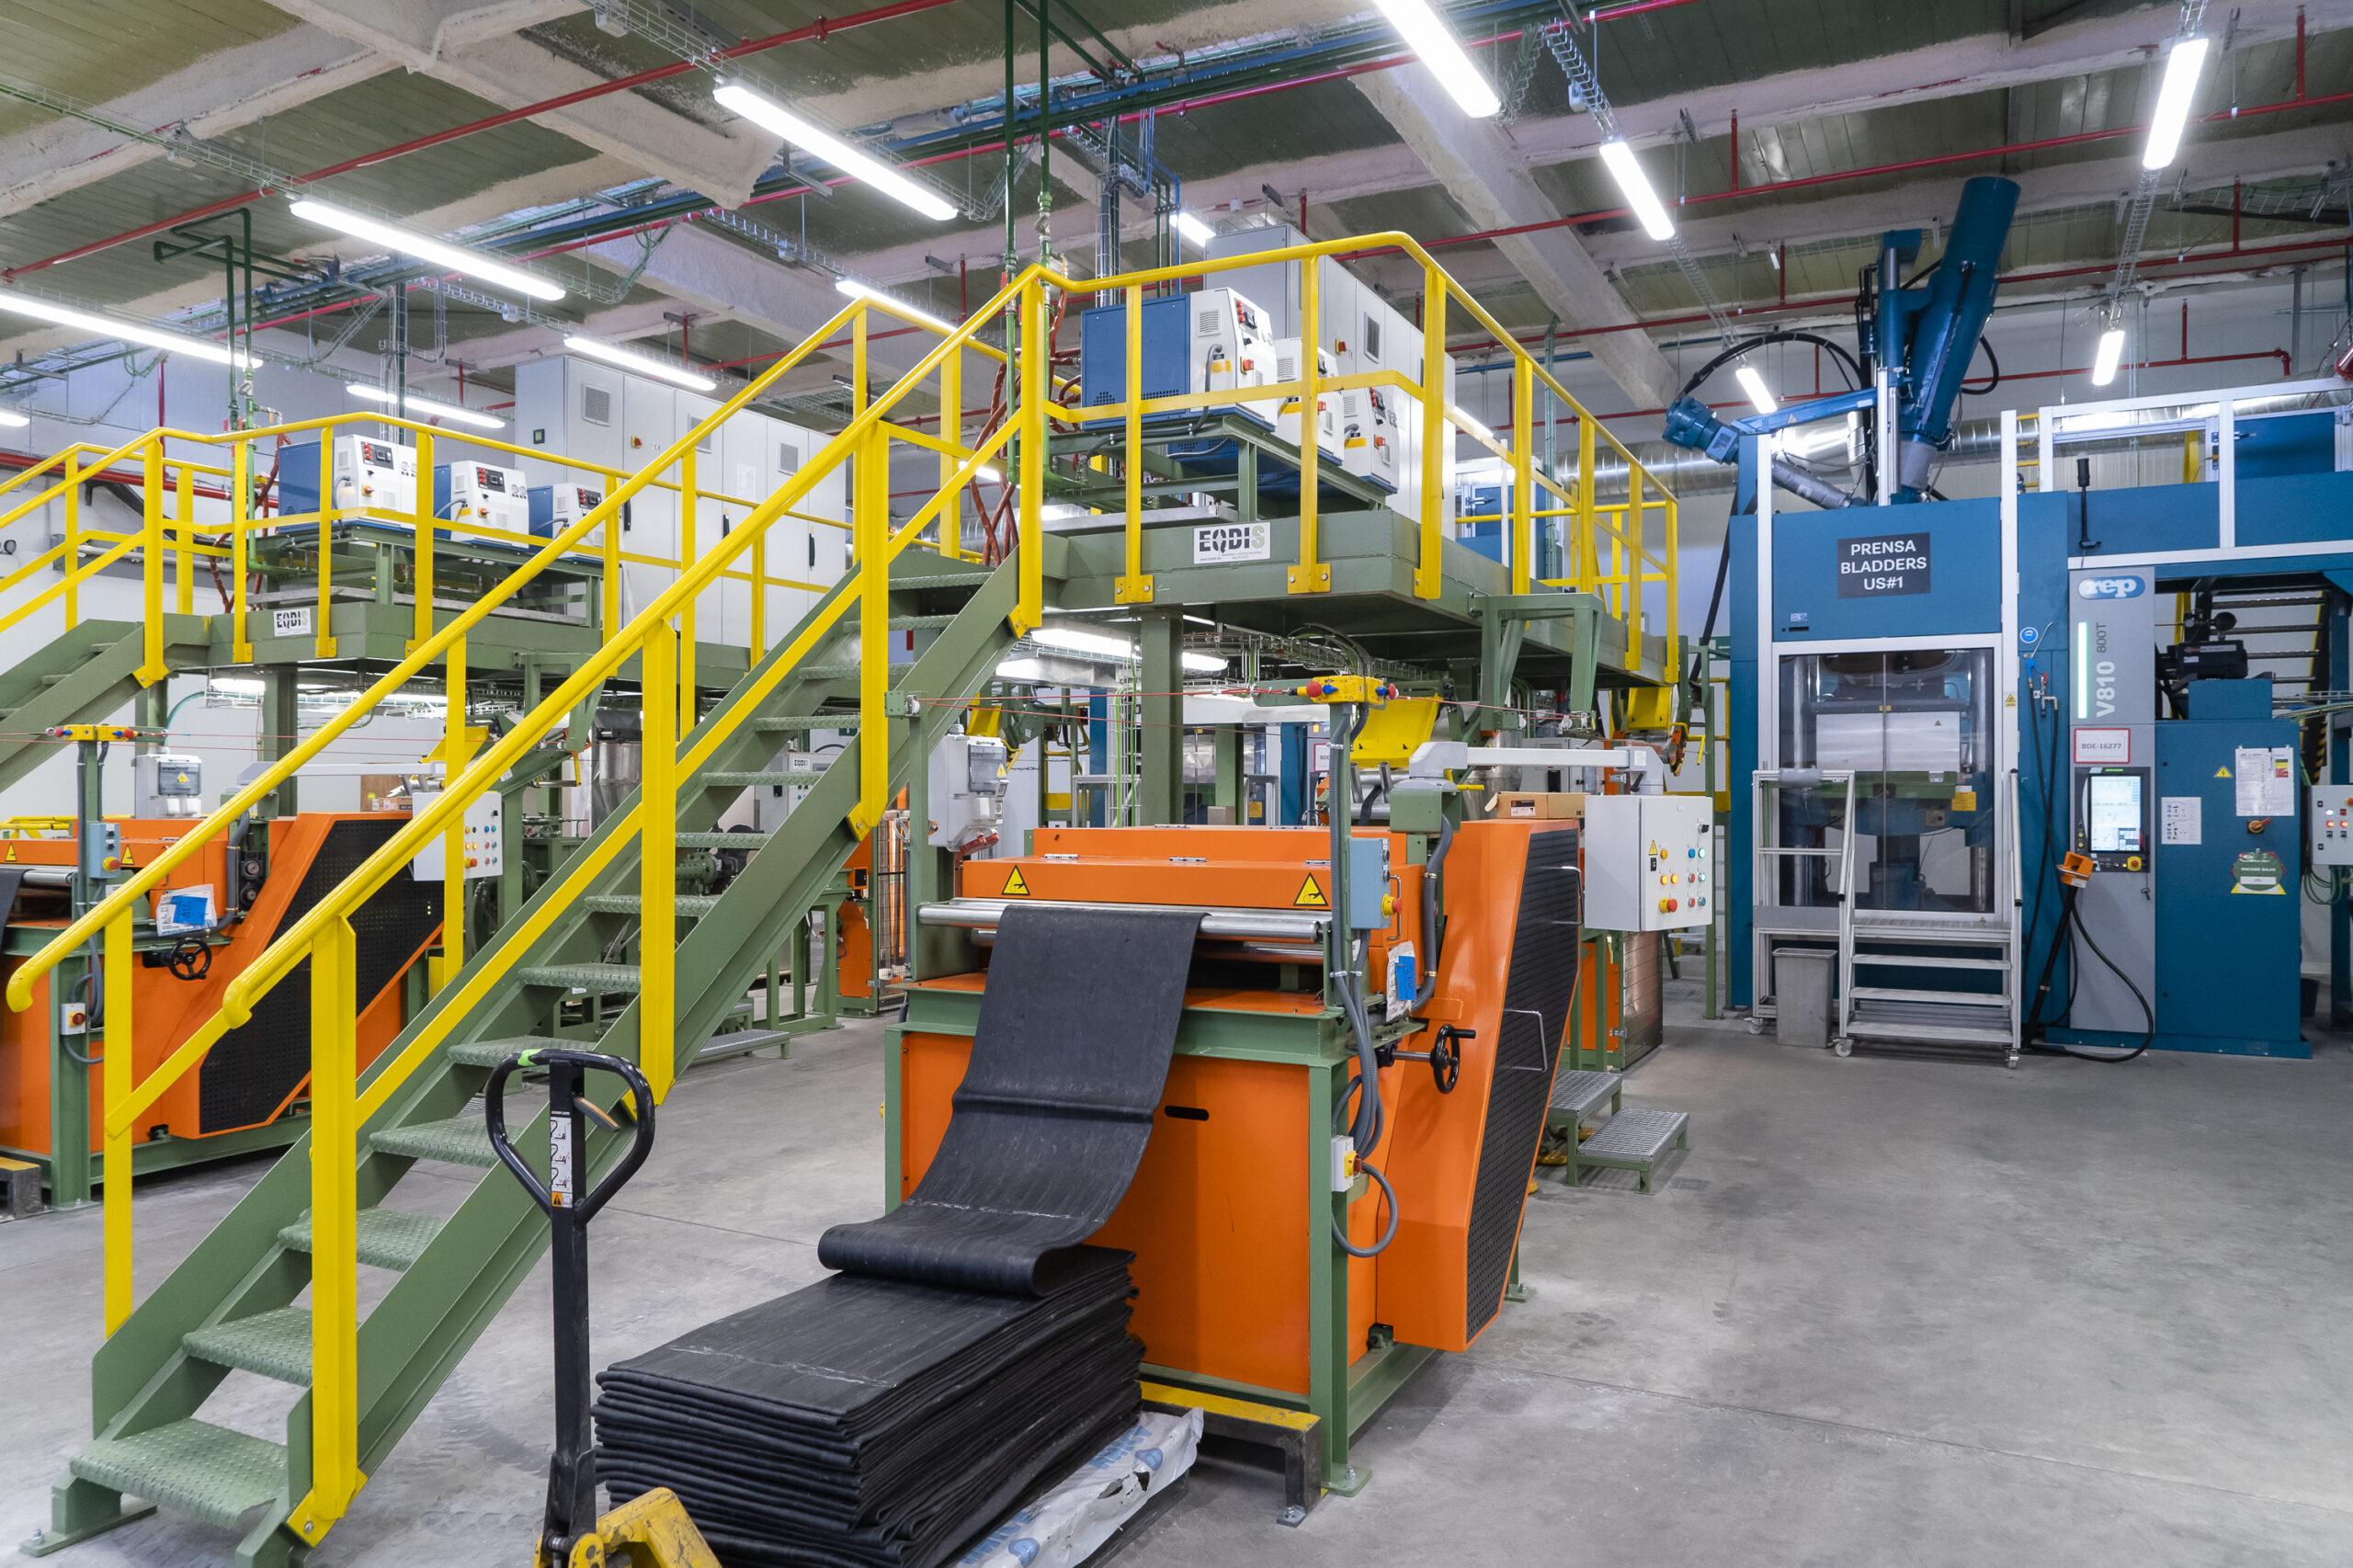 La fabricación de bladders por inyección diversifica el negocio